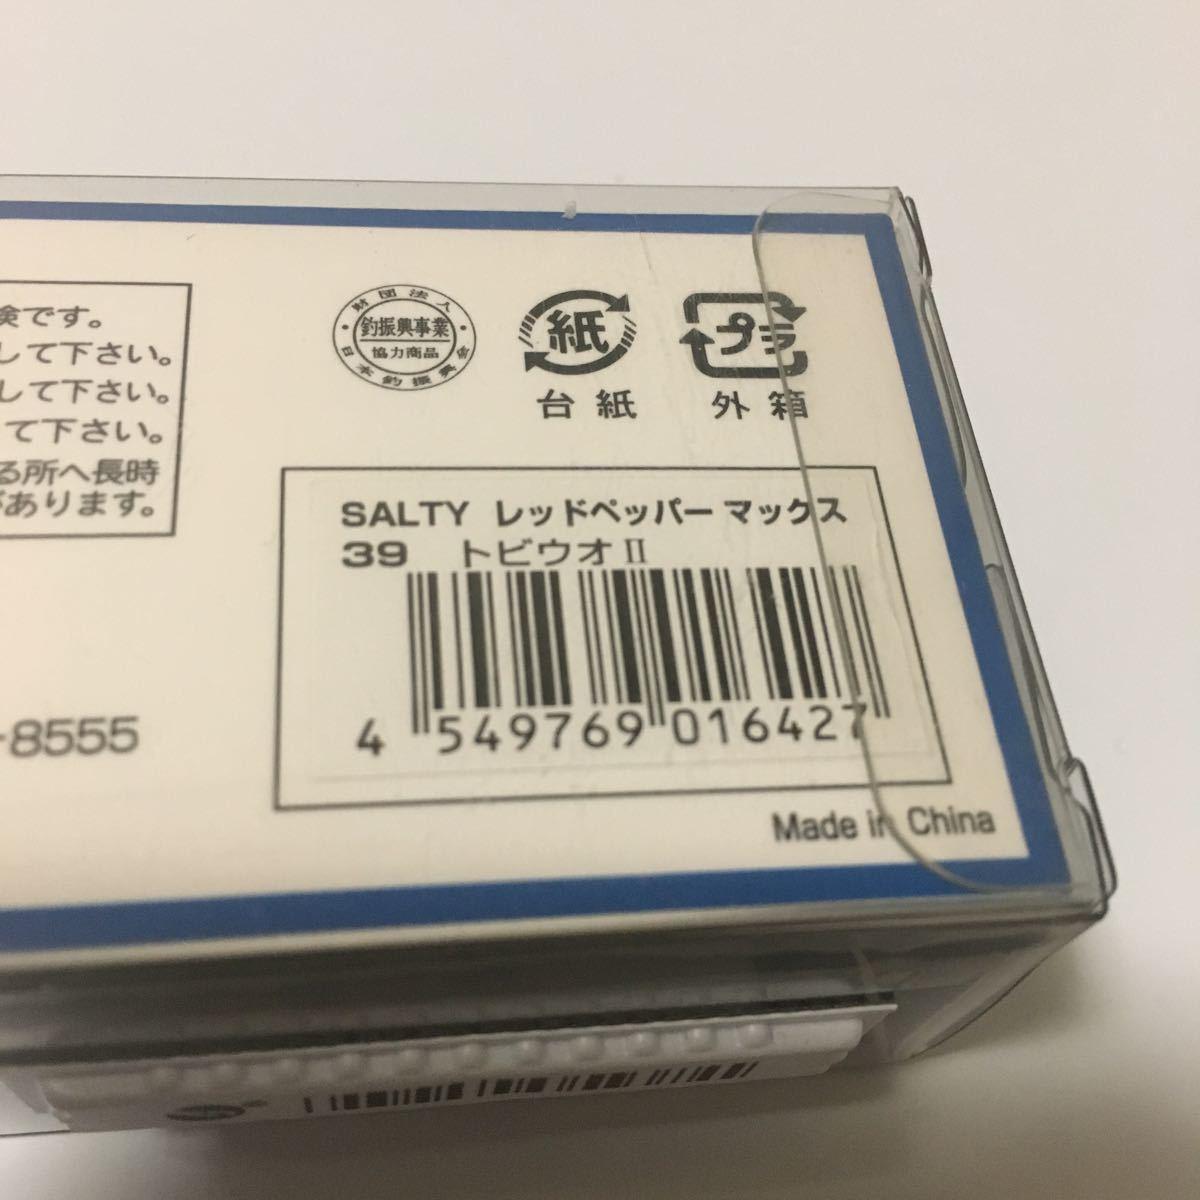 ★ティムコ ソルティ レッドペッパー マックス 180mm/60g トビウオ2★_画像3